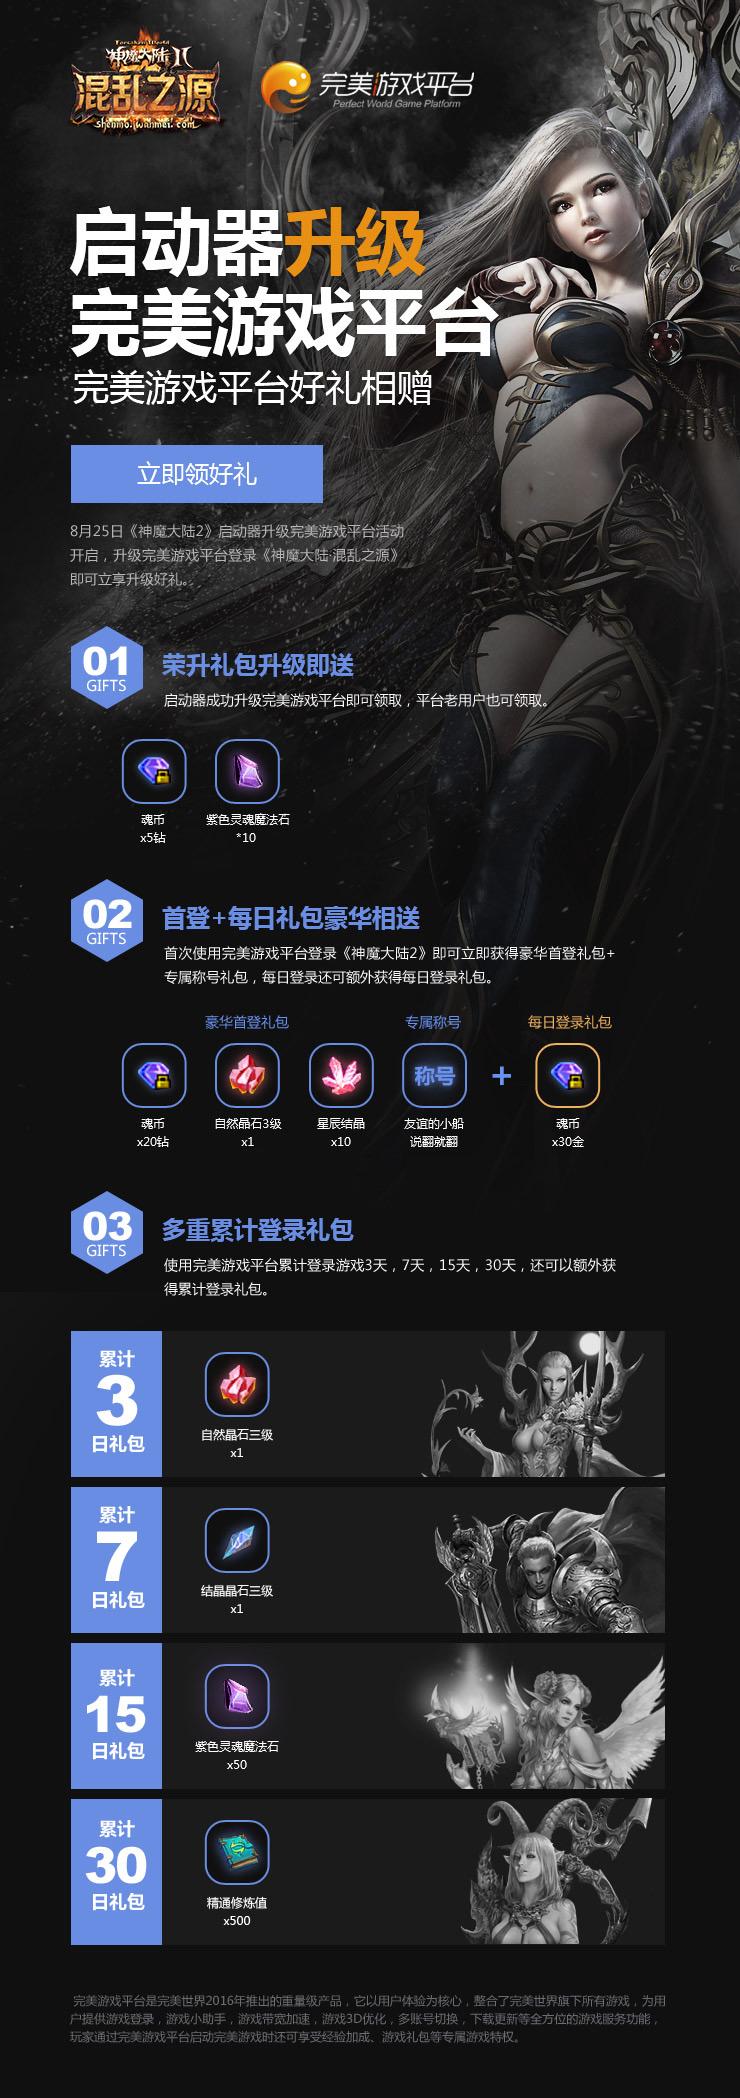 8月25日《神魔大陆2》启动器升级完美游戏平台,使用完美游戏平台登录《神魔大陆2·混乱之源》即可立享升级好礼。